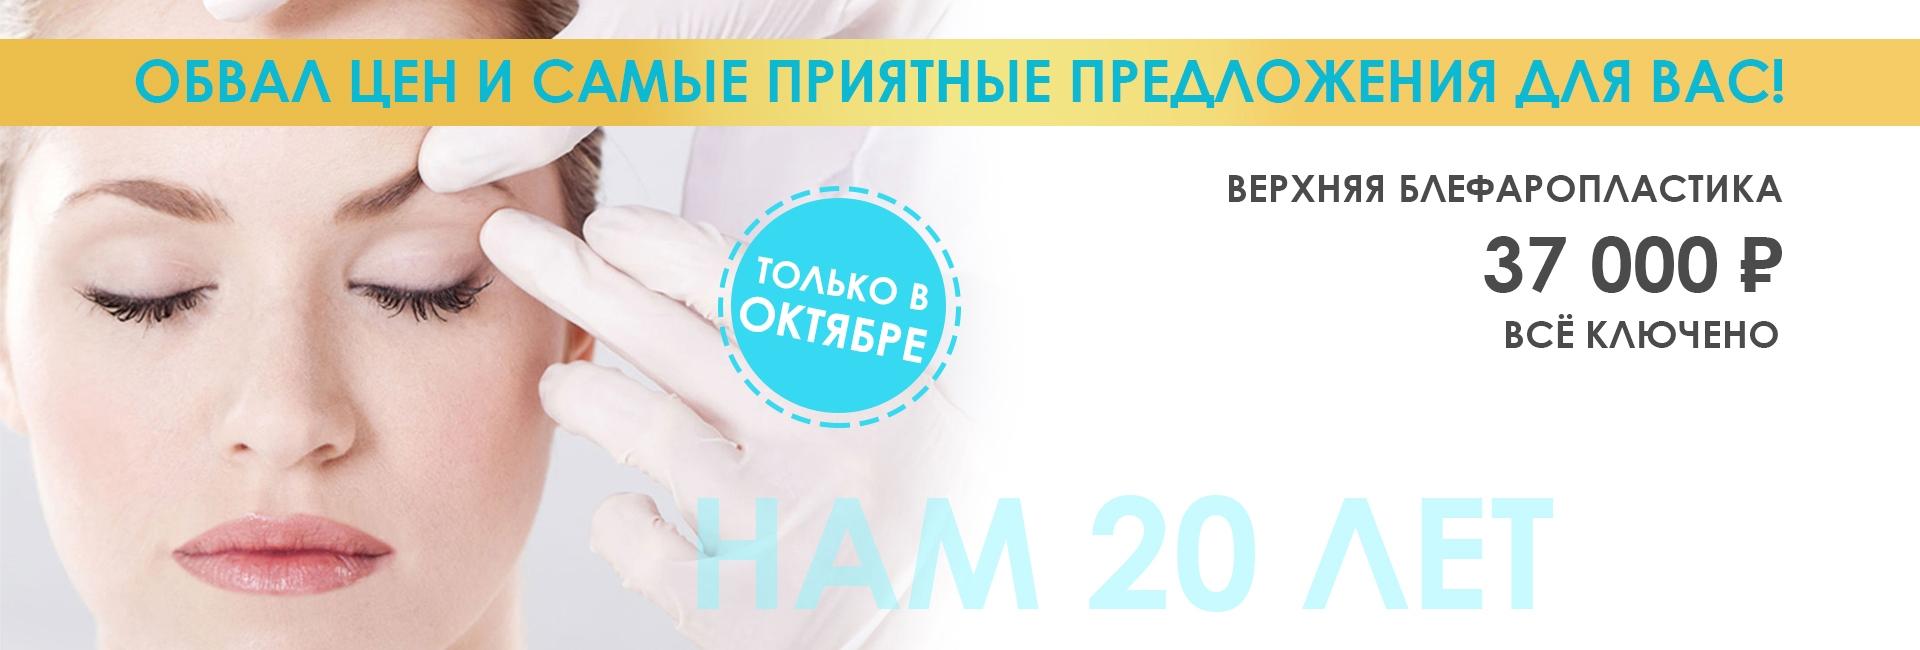 Увеличение груди в Калининграде